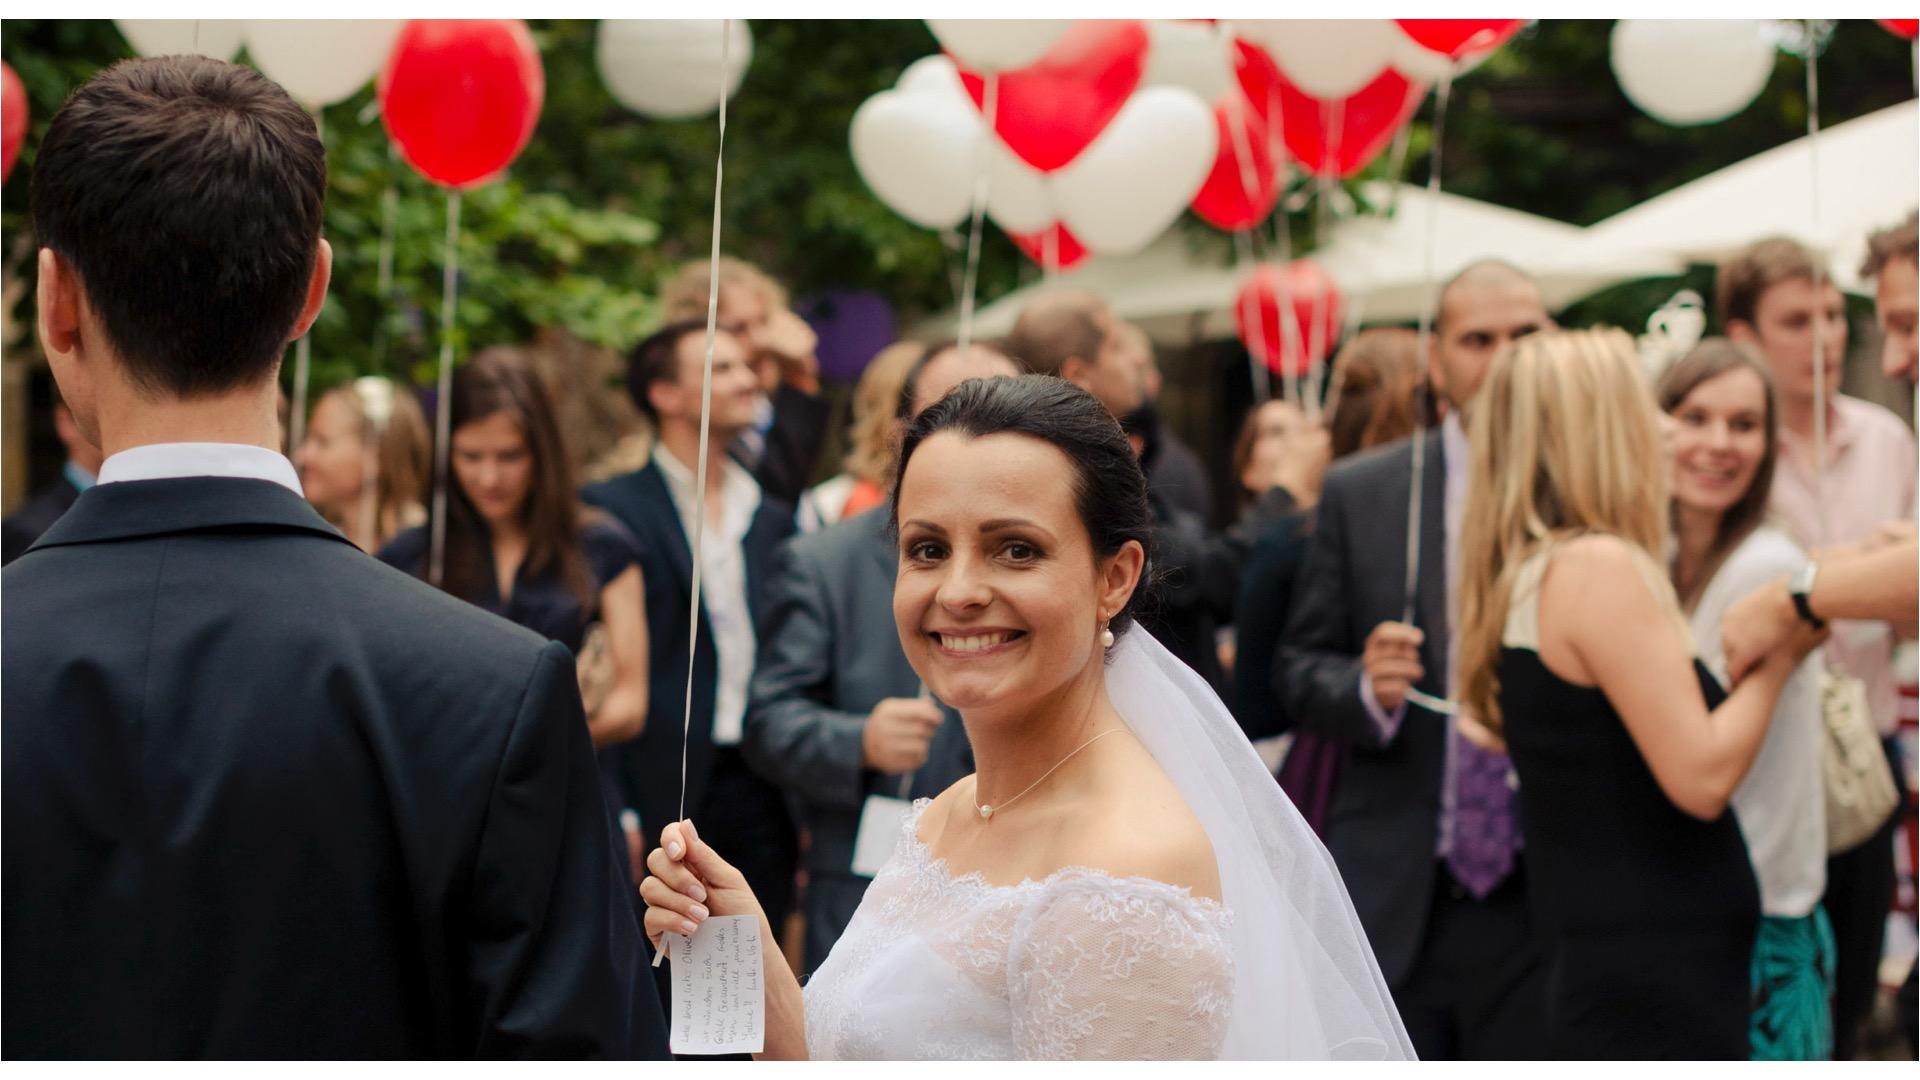 Hochzeitsreportagen mit Fotograf Dirk Brzoska aus Leipzig